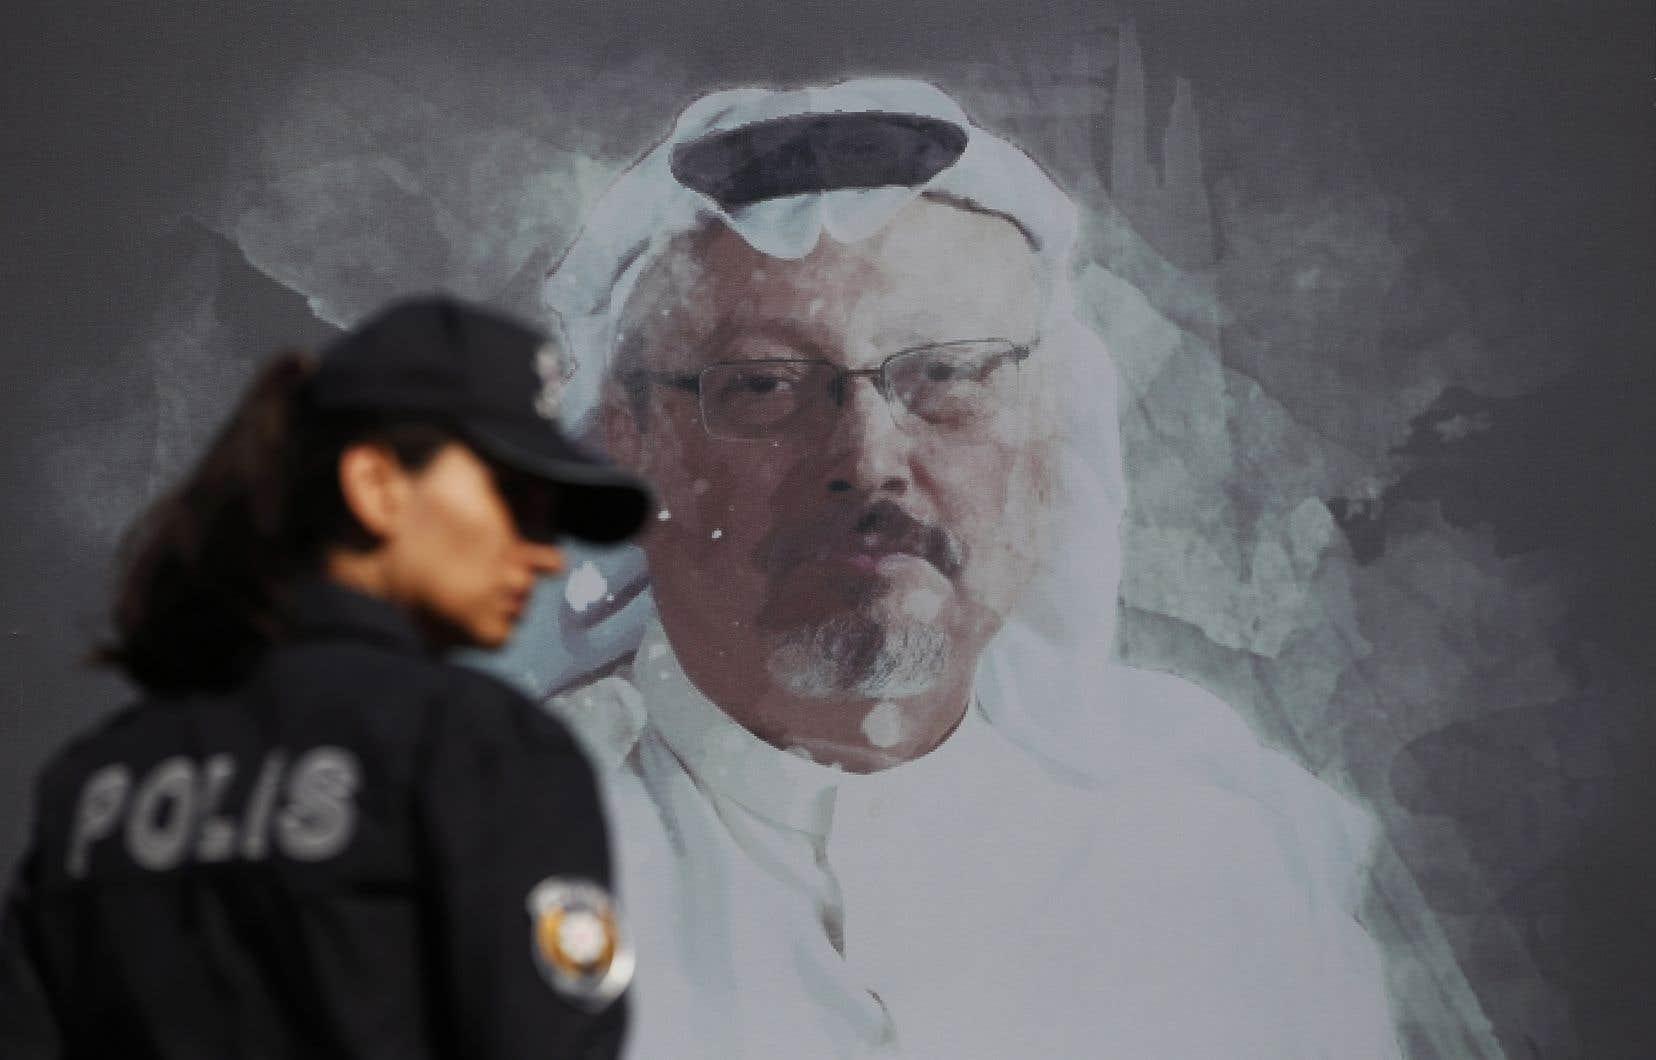 Jamal Khashoggi, un collaborateur du «Washington Post» et critique du régime saoudien après en avoir été proche, a été assassiné et son corps découpé en morceaux en octobre 2018 dans le consulat d'Arabie Saoudite à Istanbul où il s'était rendu pour récupérer un document.